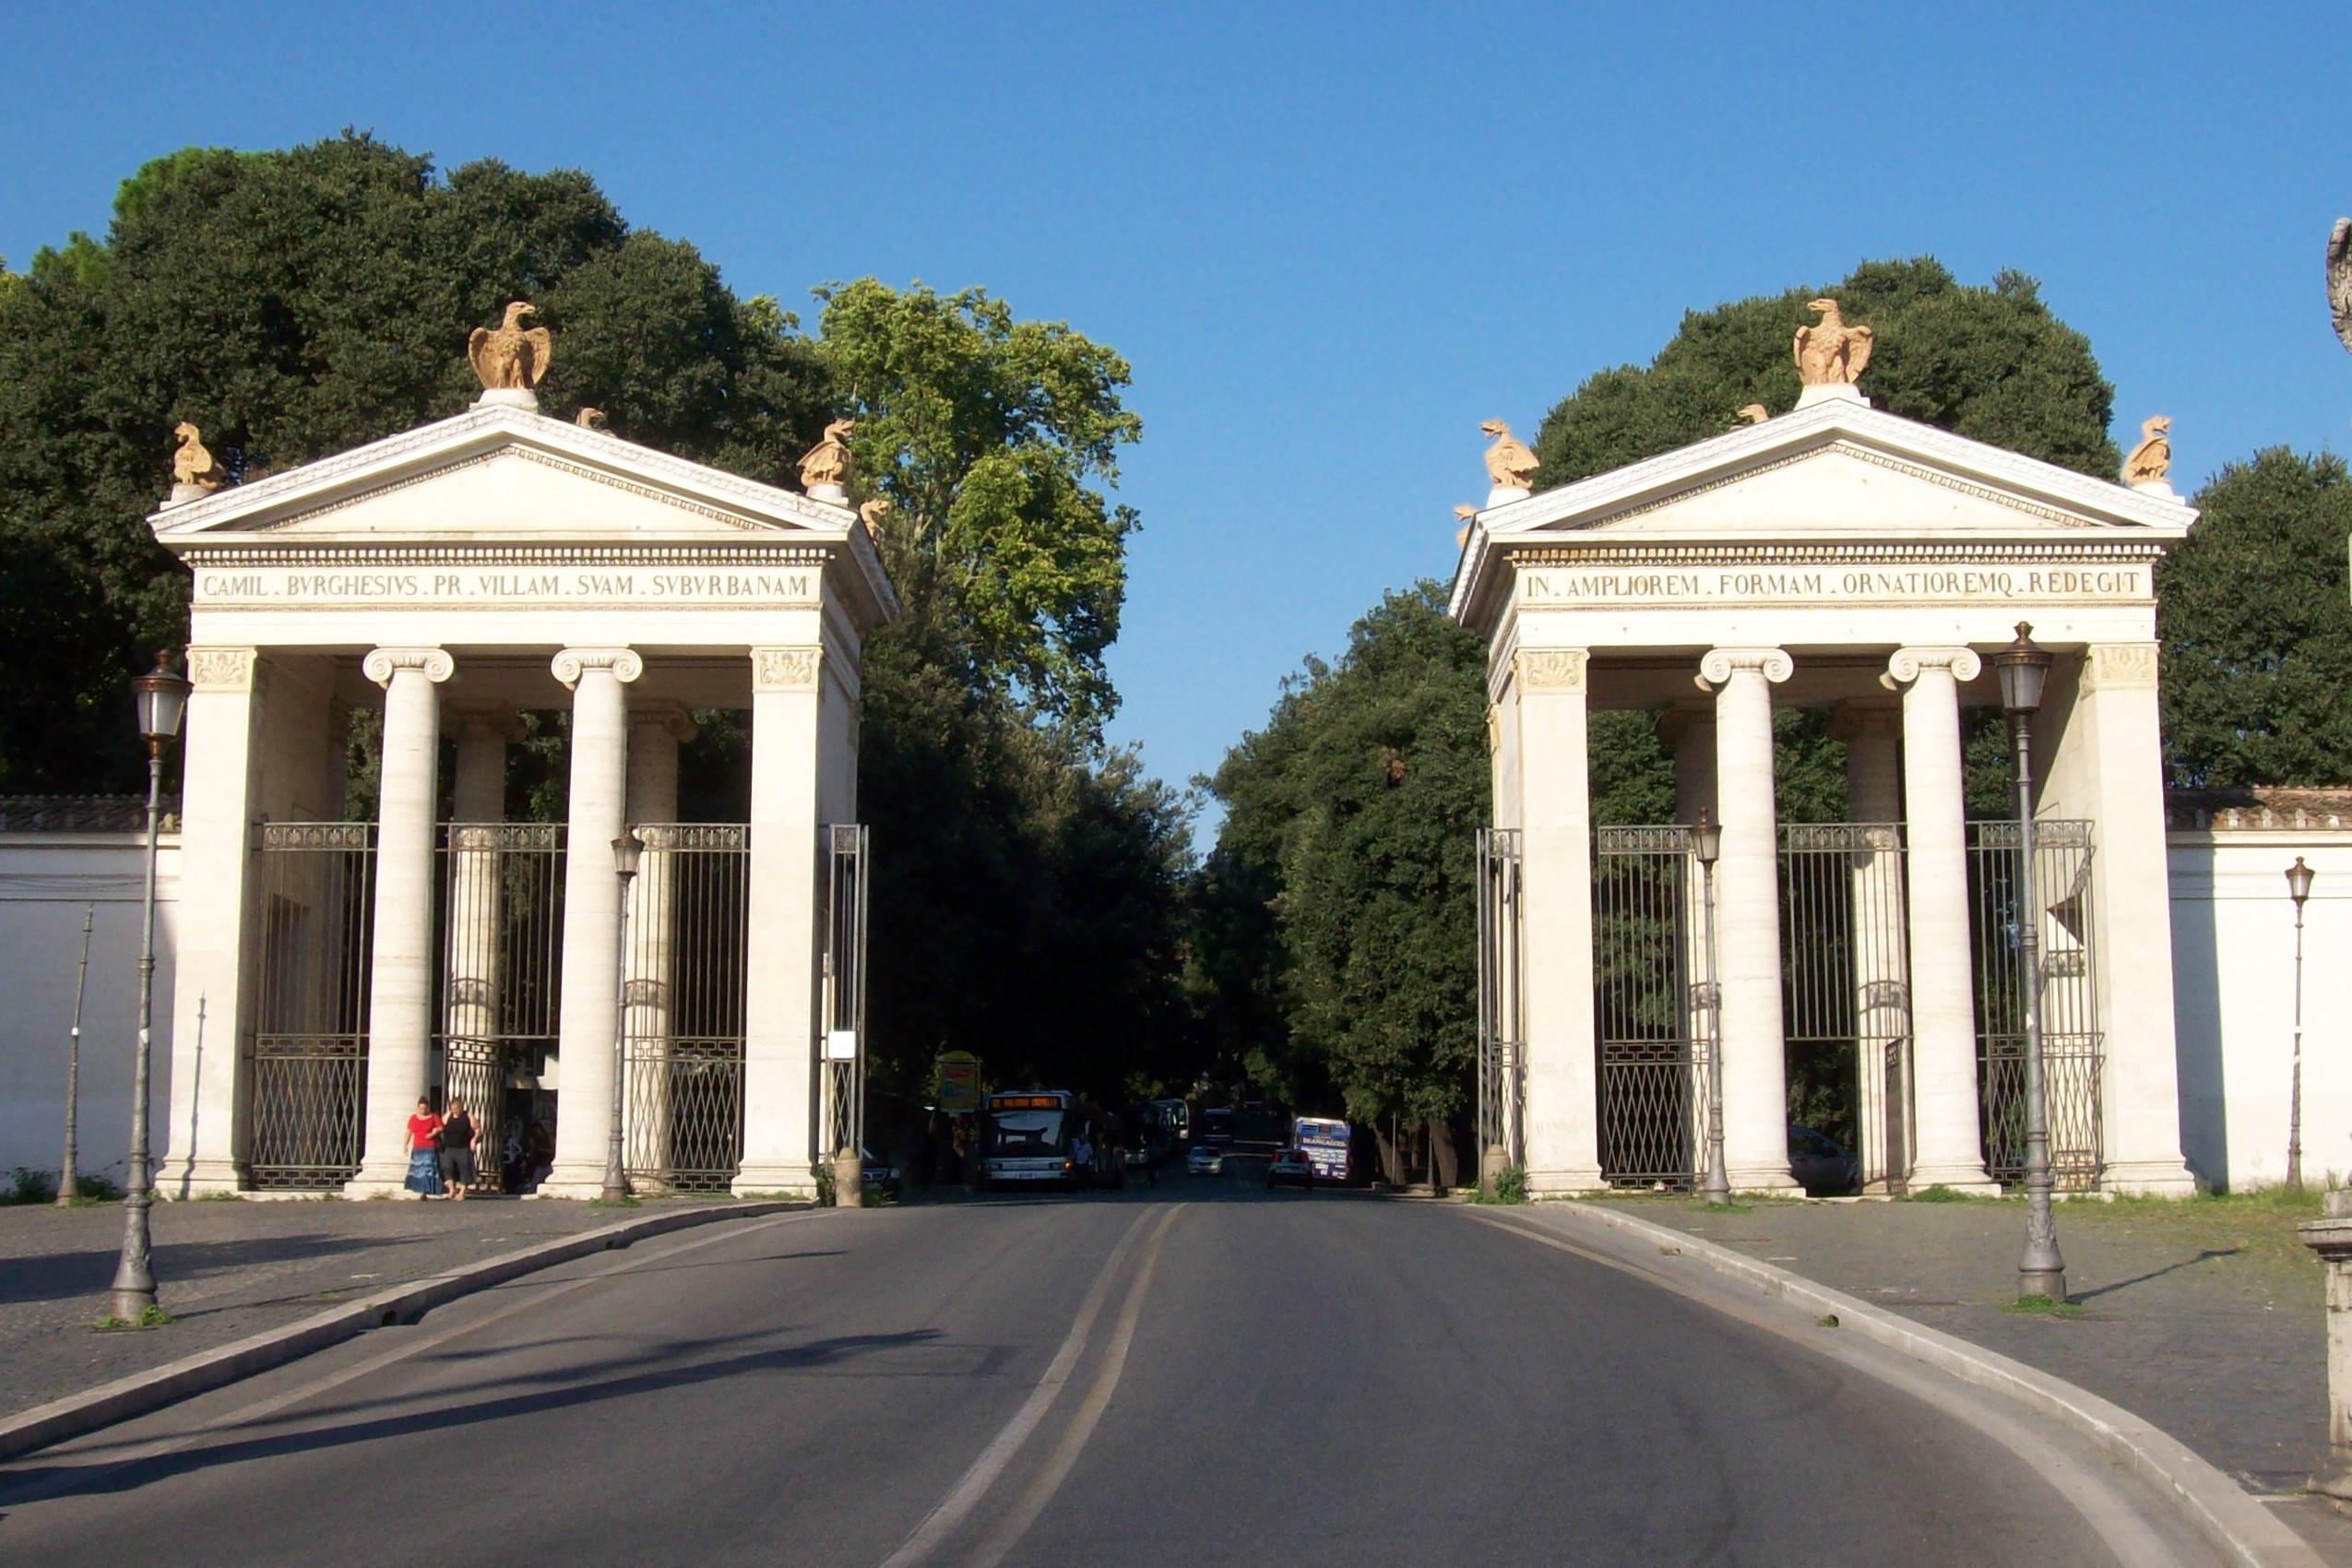 Parcheggio Di Villa Borghese